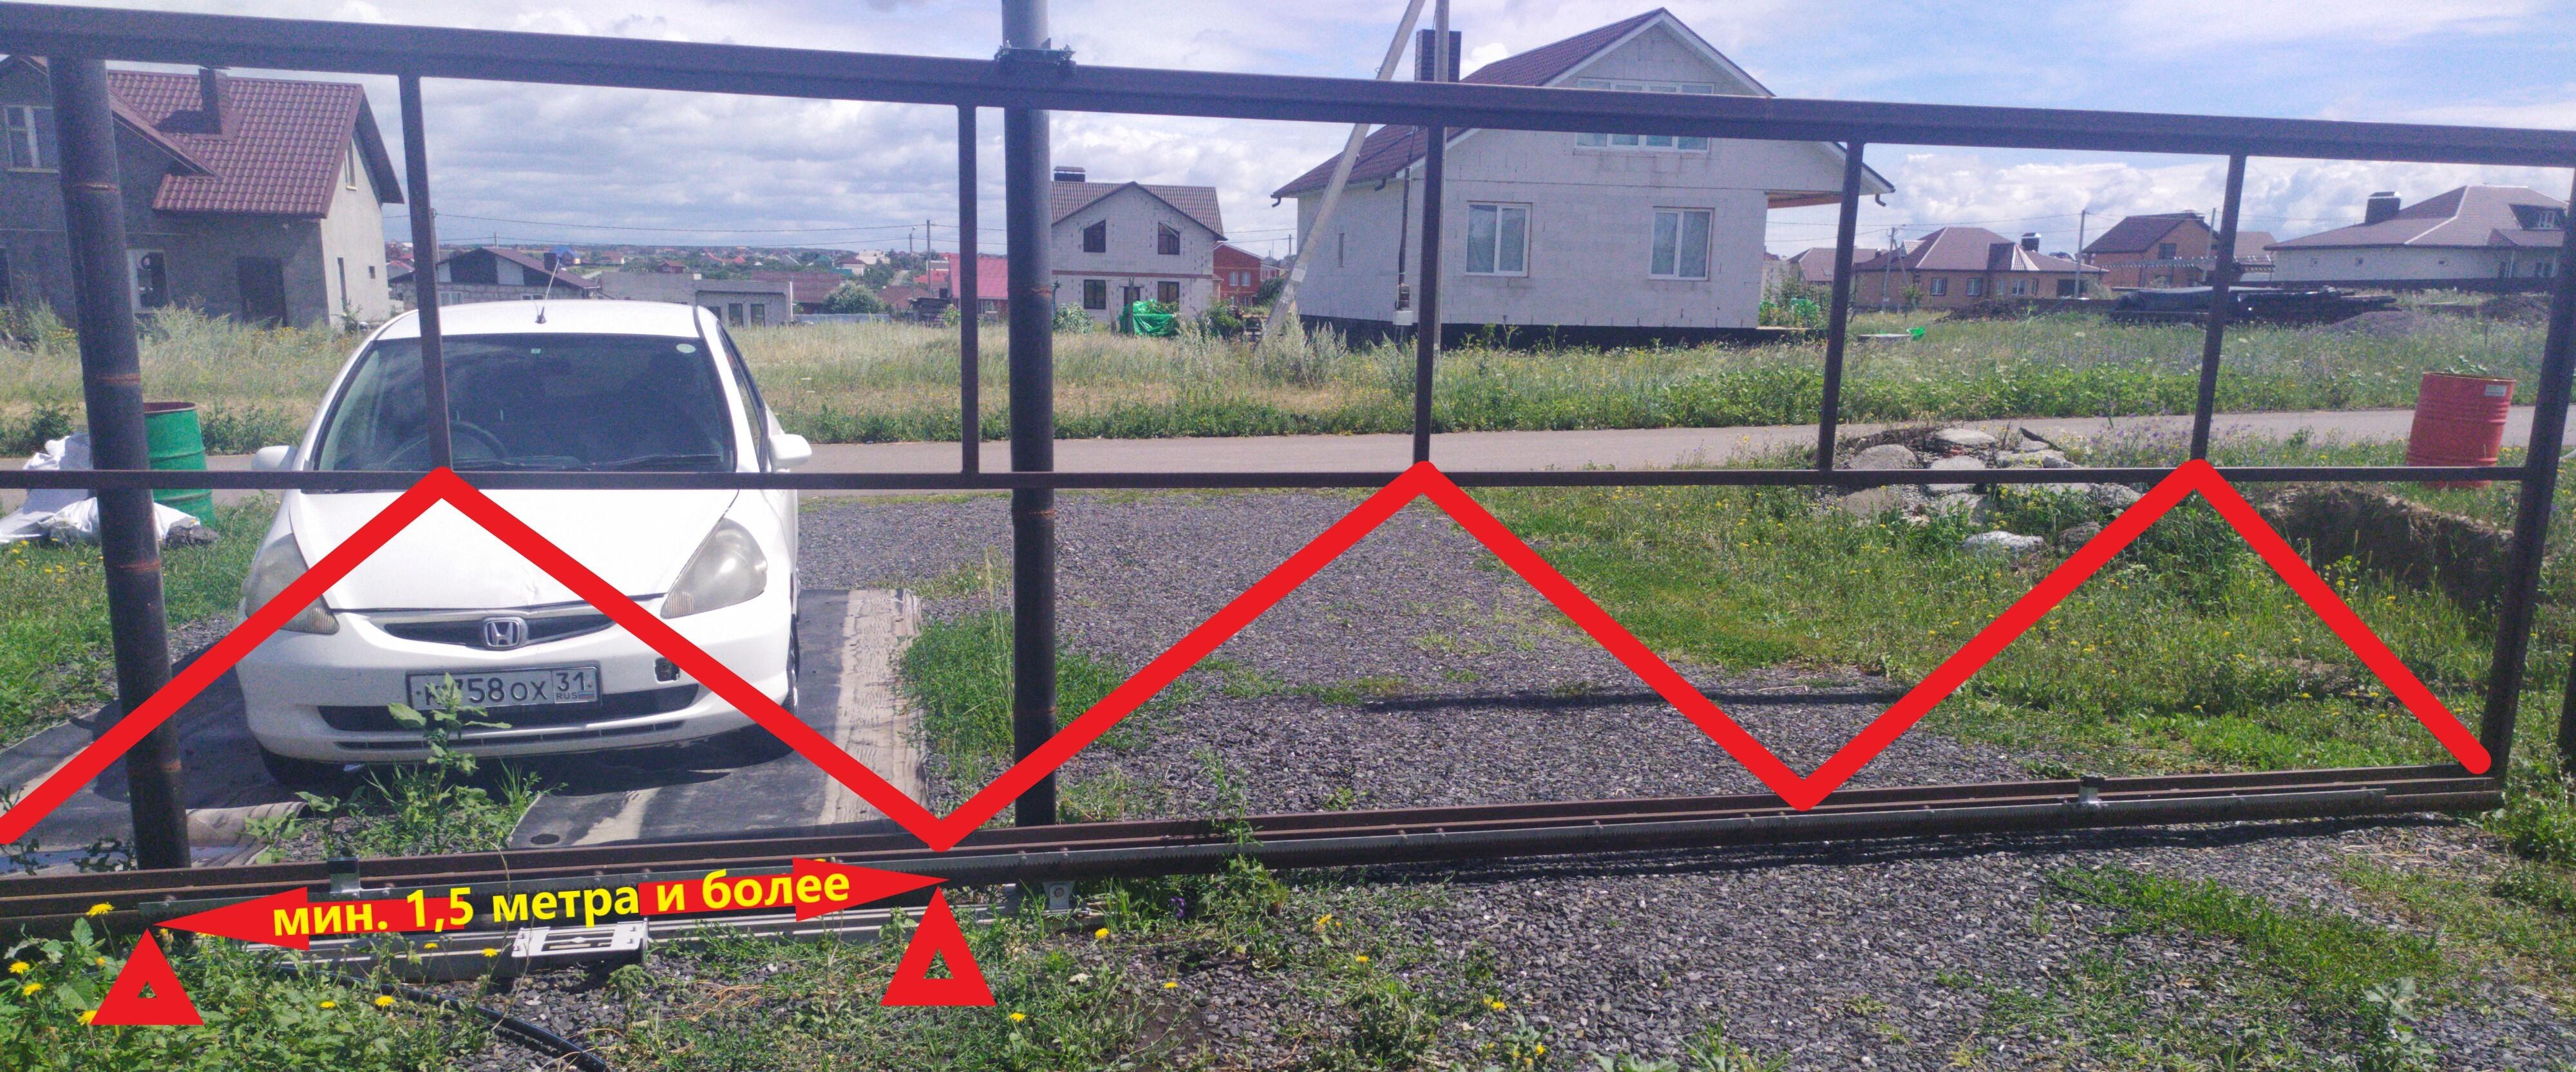 конструкция рамы и расположение ролликовых опор откатных ворот